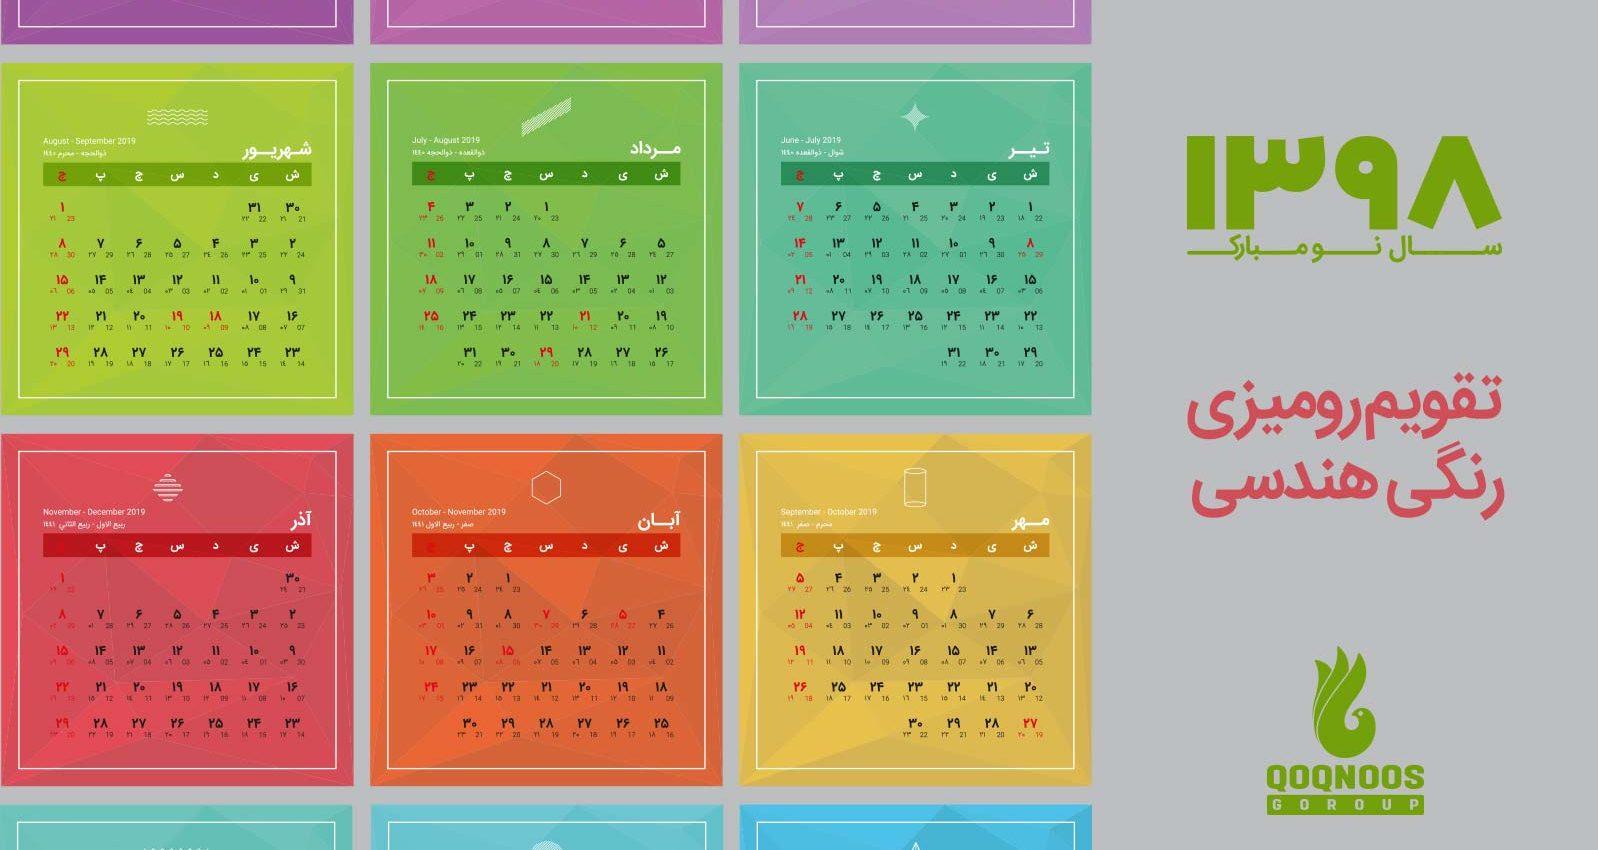 دانلود تقویم رومیزی 98 طرح رنگی هندسی